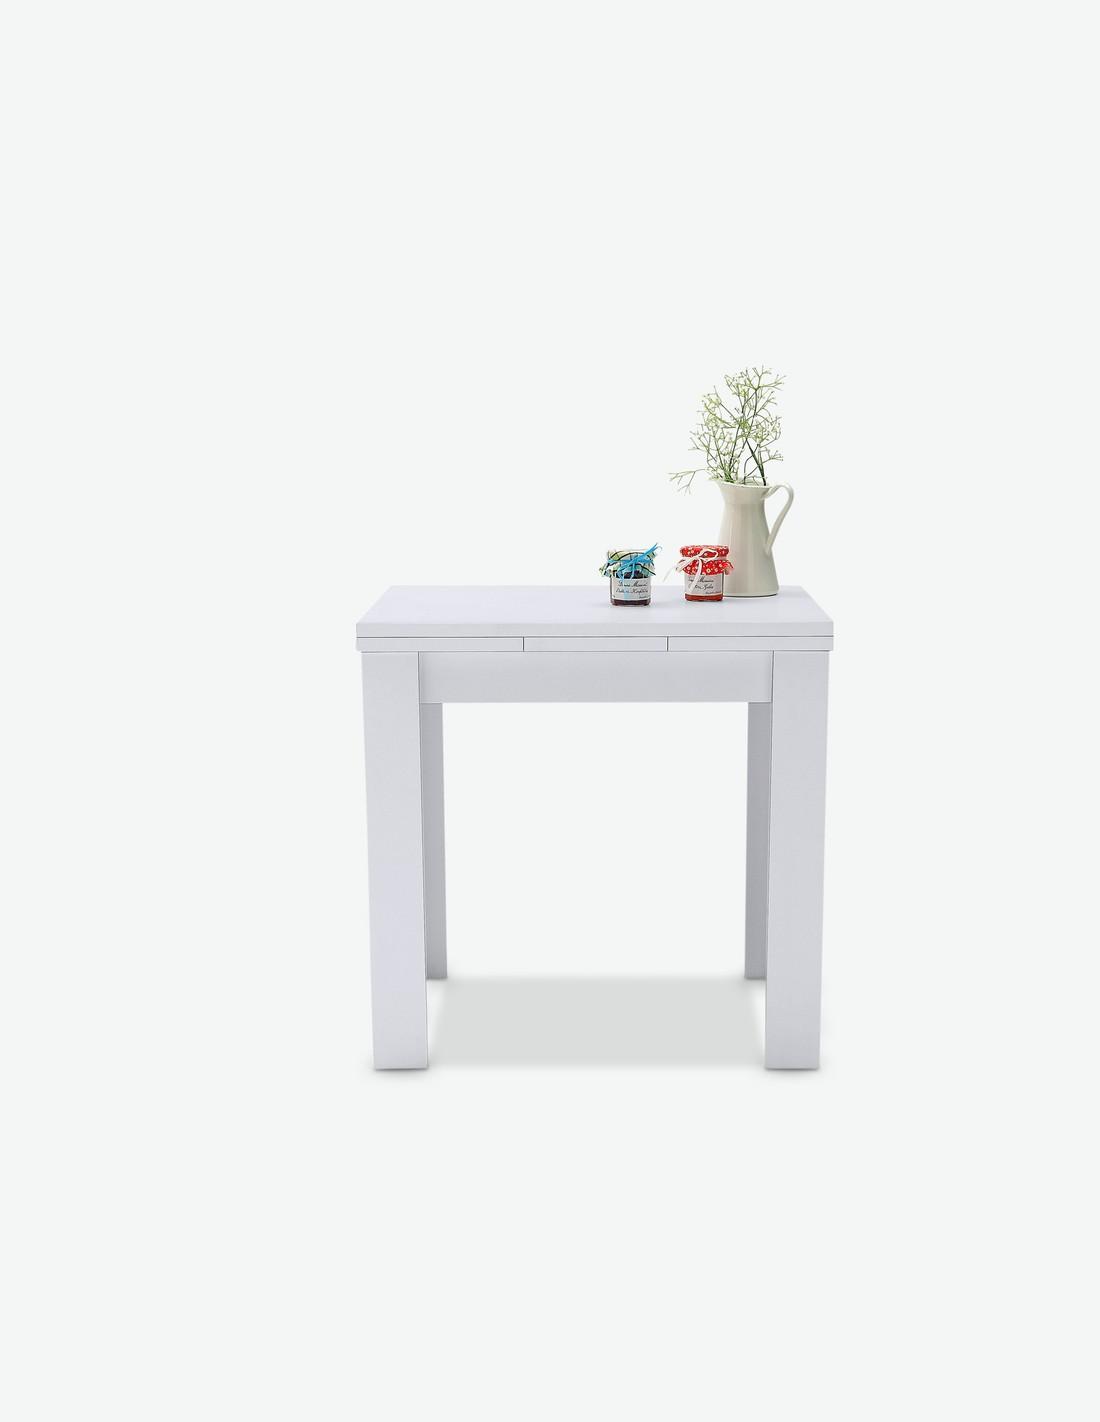 ausziehbarer esstisch in 2 verschiedenen farben verf gbar. Black Bedroom Furniture Sets. Home Design Ideas